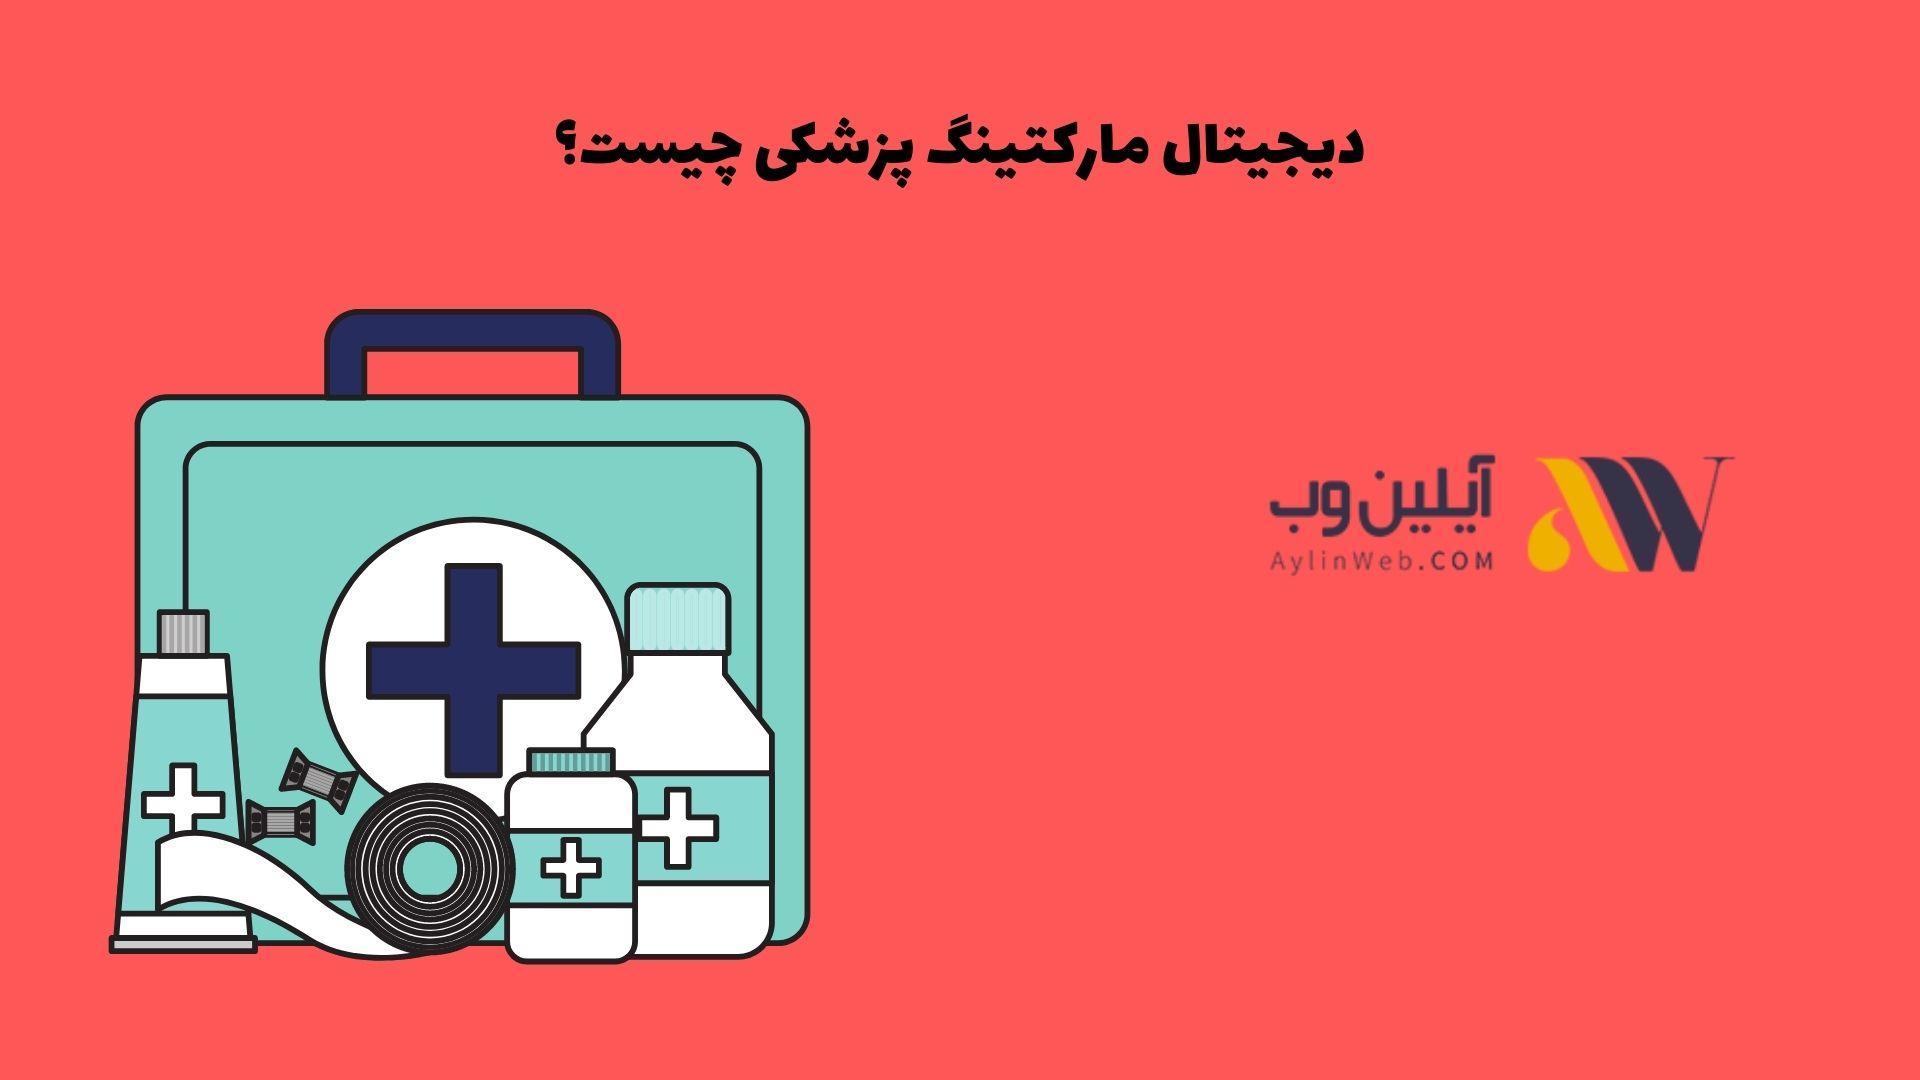 دیجیتال مارکتینگ پزشکی چیست؟